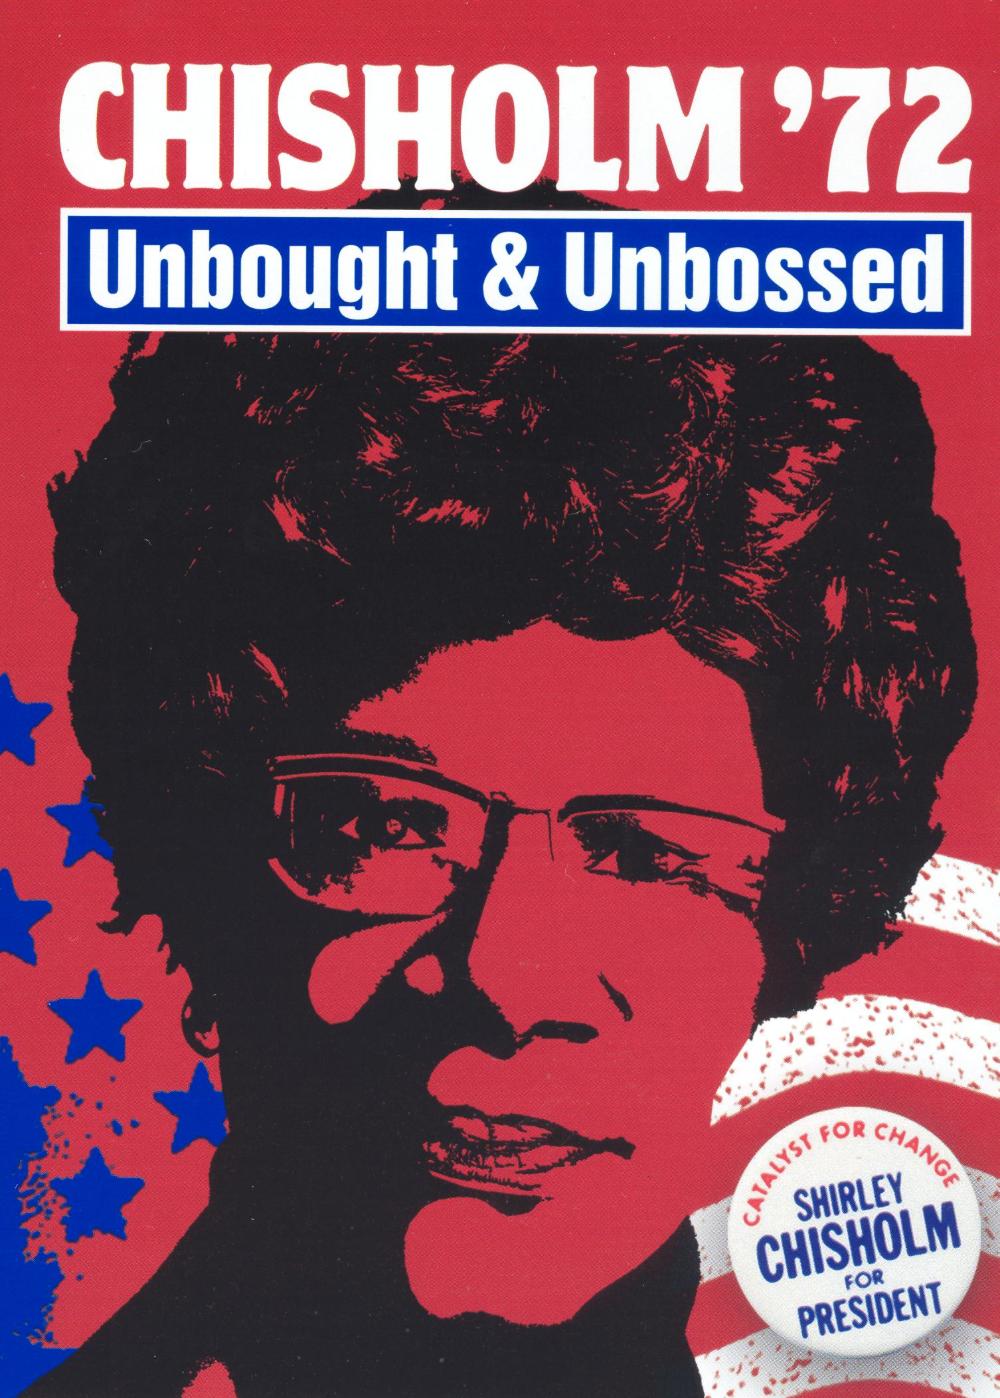 Chisholm `72: Unbought & Unbossed,  Dir. Shola Lynch, 2004.